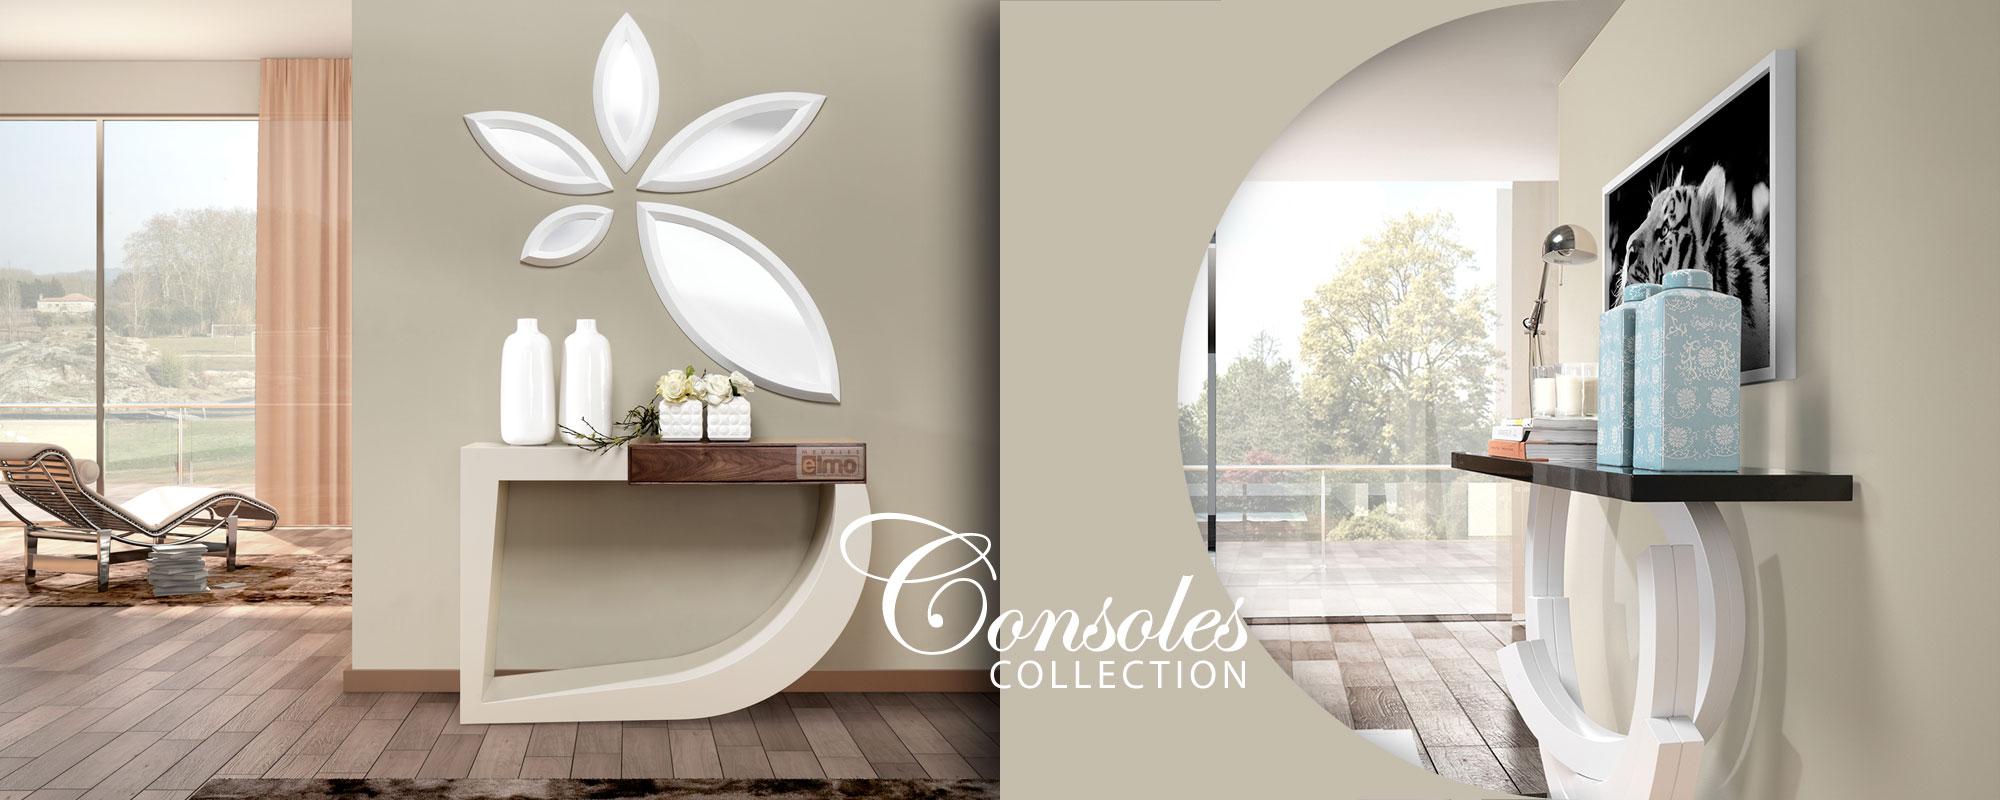 Meubles Portugais Design pour meubles portugais | meubles portugais - meubles dessign made in portugal